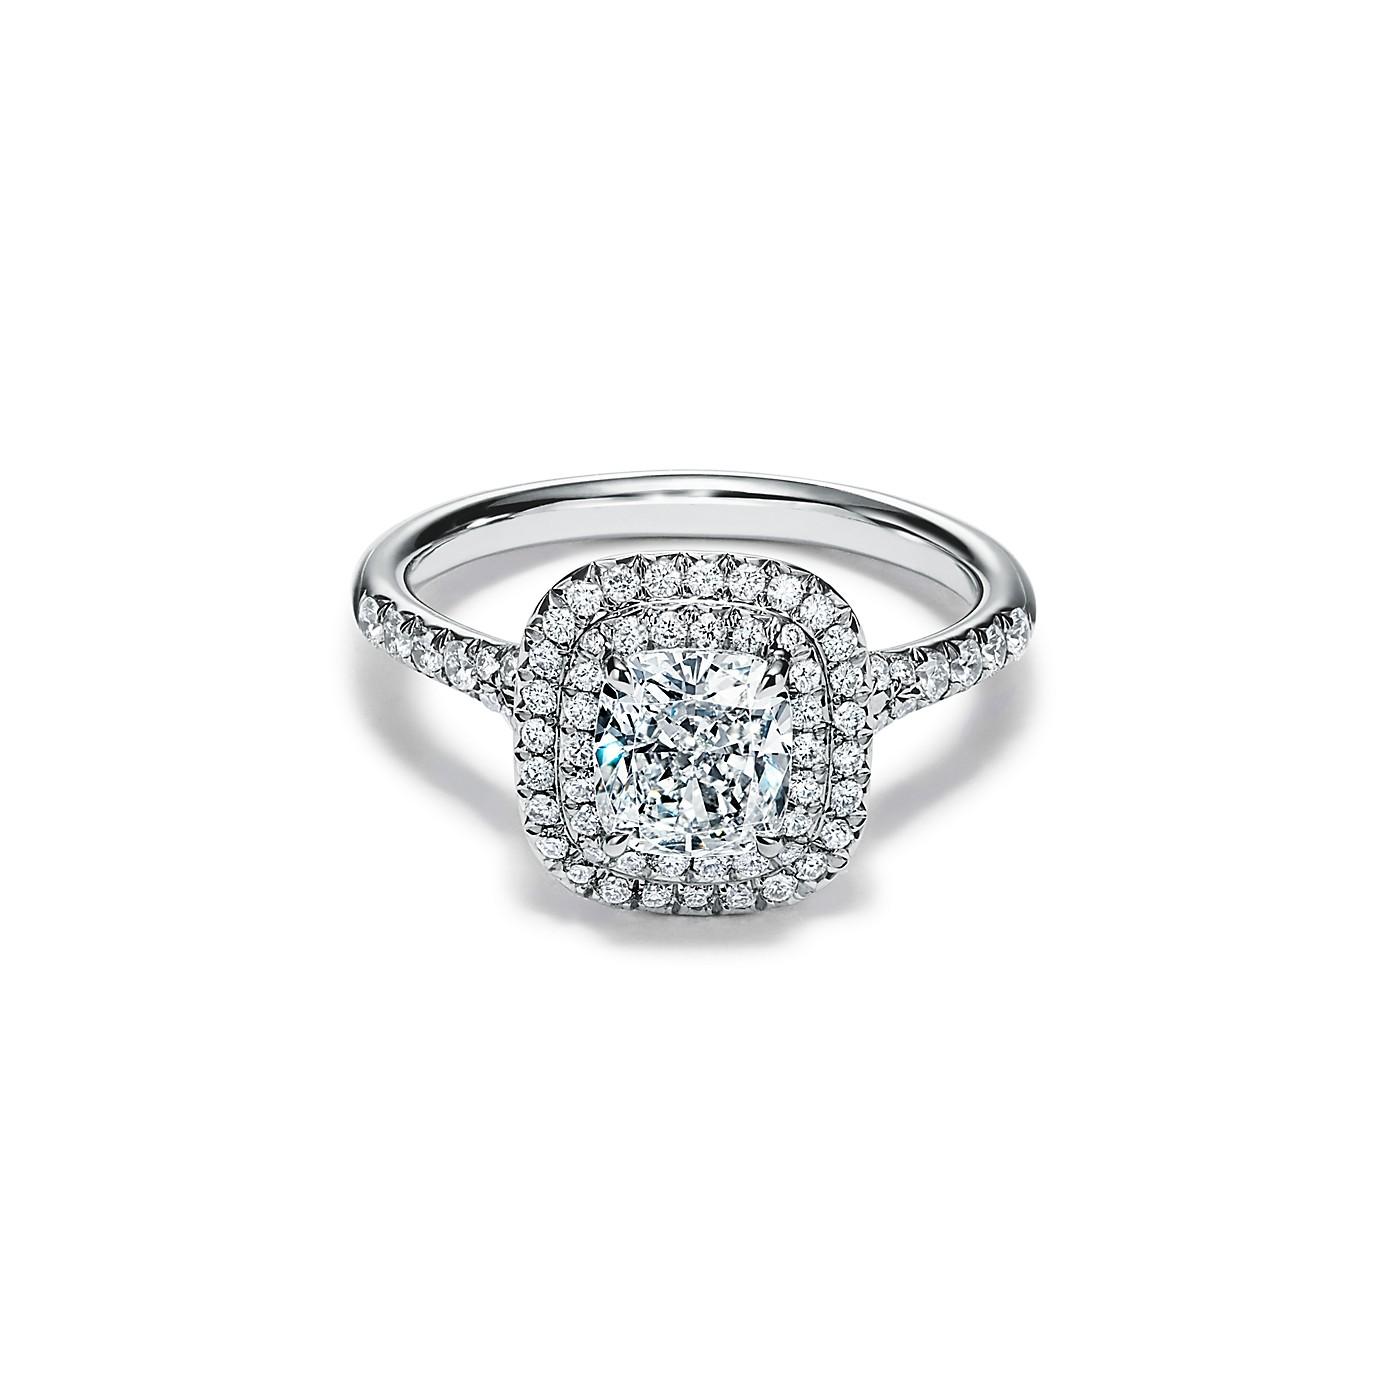 ティファニー ソレスト クッション カット ダブル ハロー エンゲージメント リング(1)―Tiffany & Co.(ティファニー)